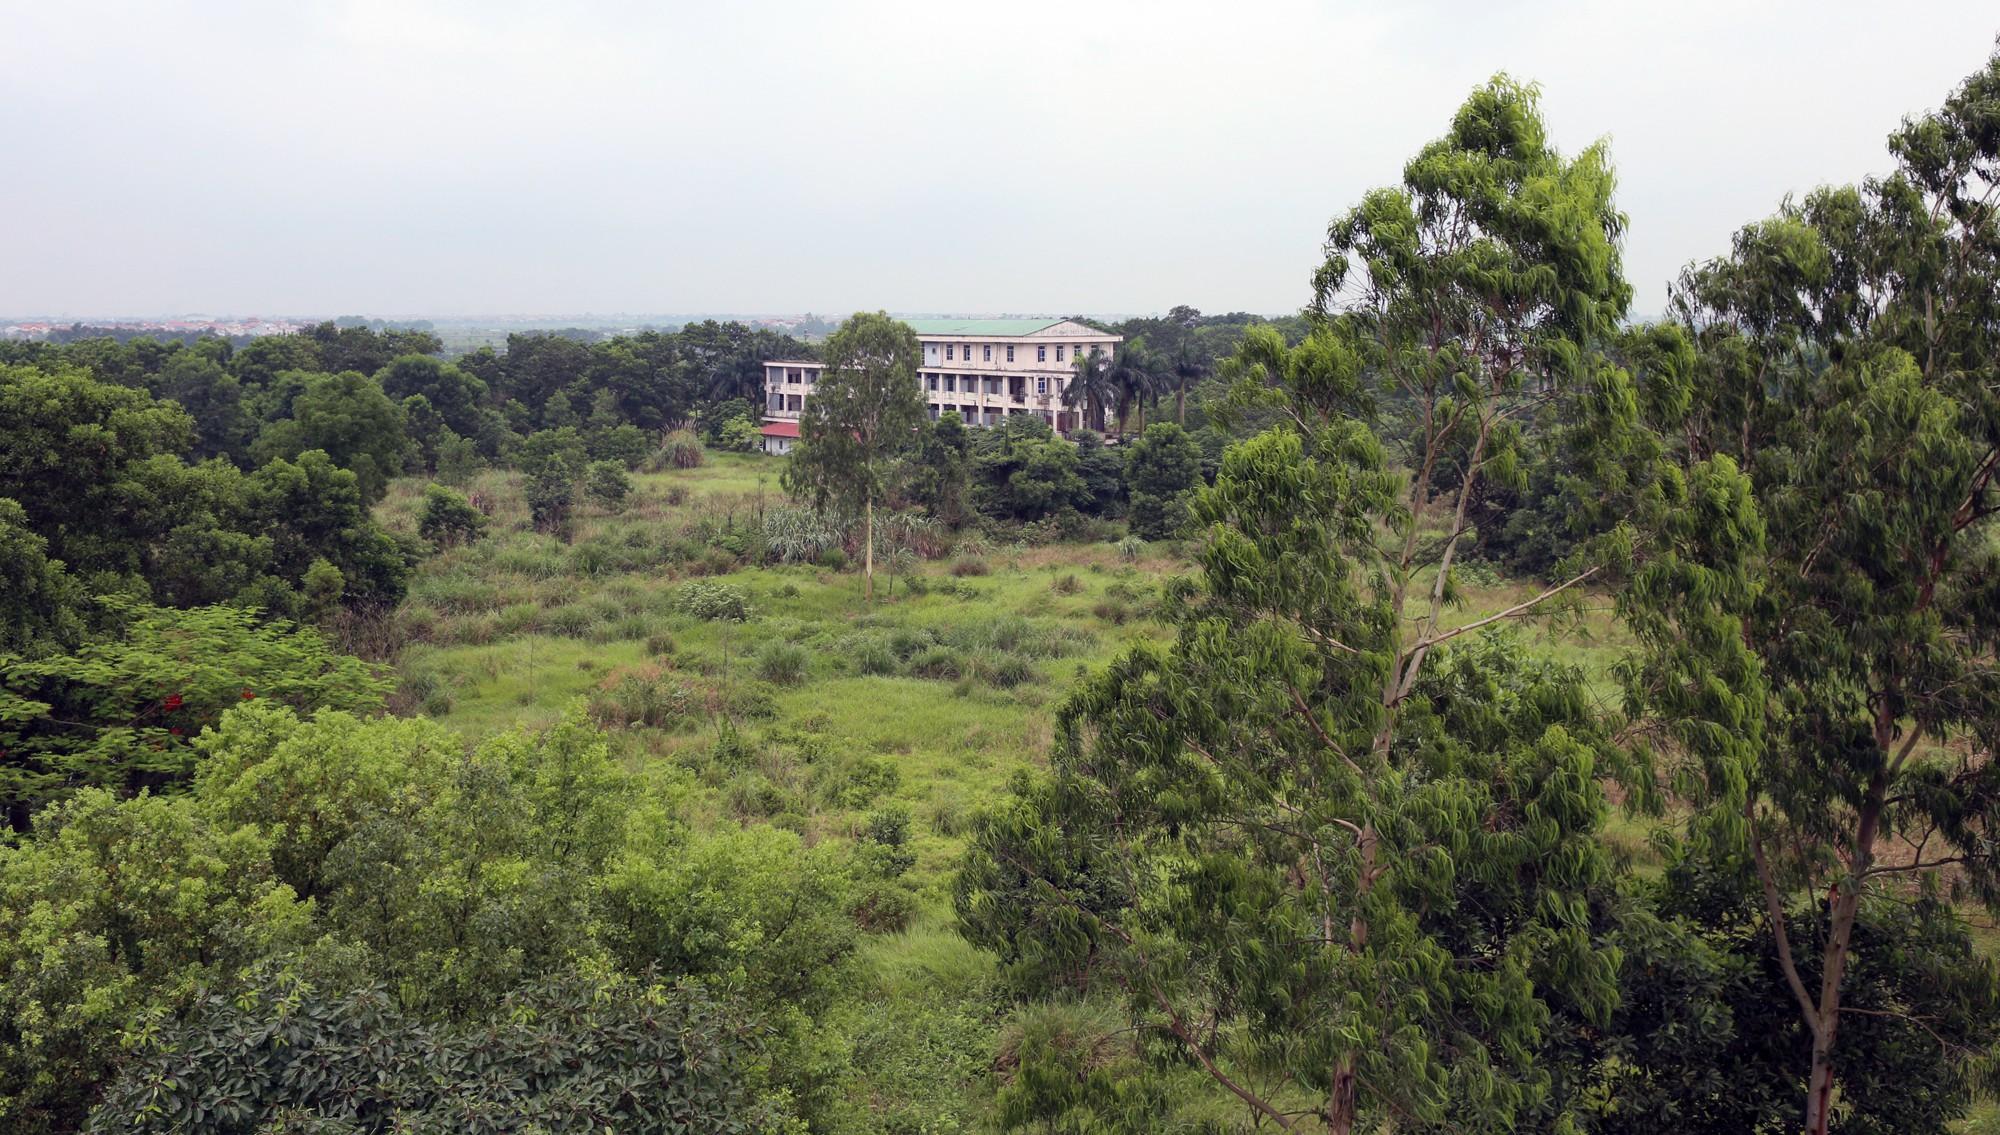 Bệnh viện qui mô 1.000 giường ở Hà Nội thành nơi nuôi gà - Ảnh 9.